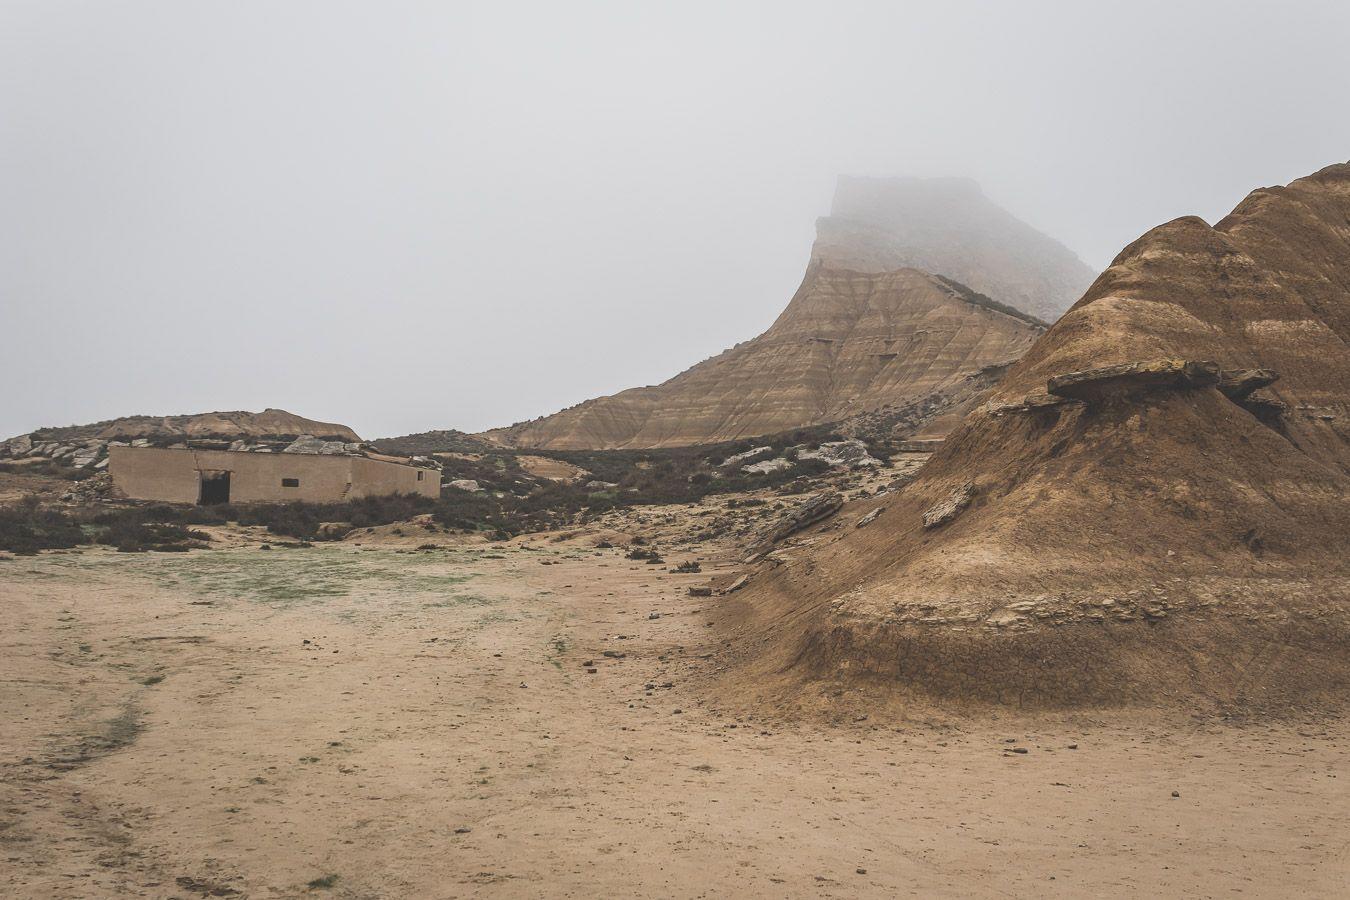 le brouillard sur le désert des Bardenas Reales